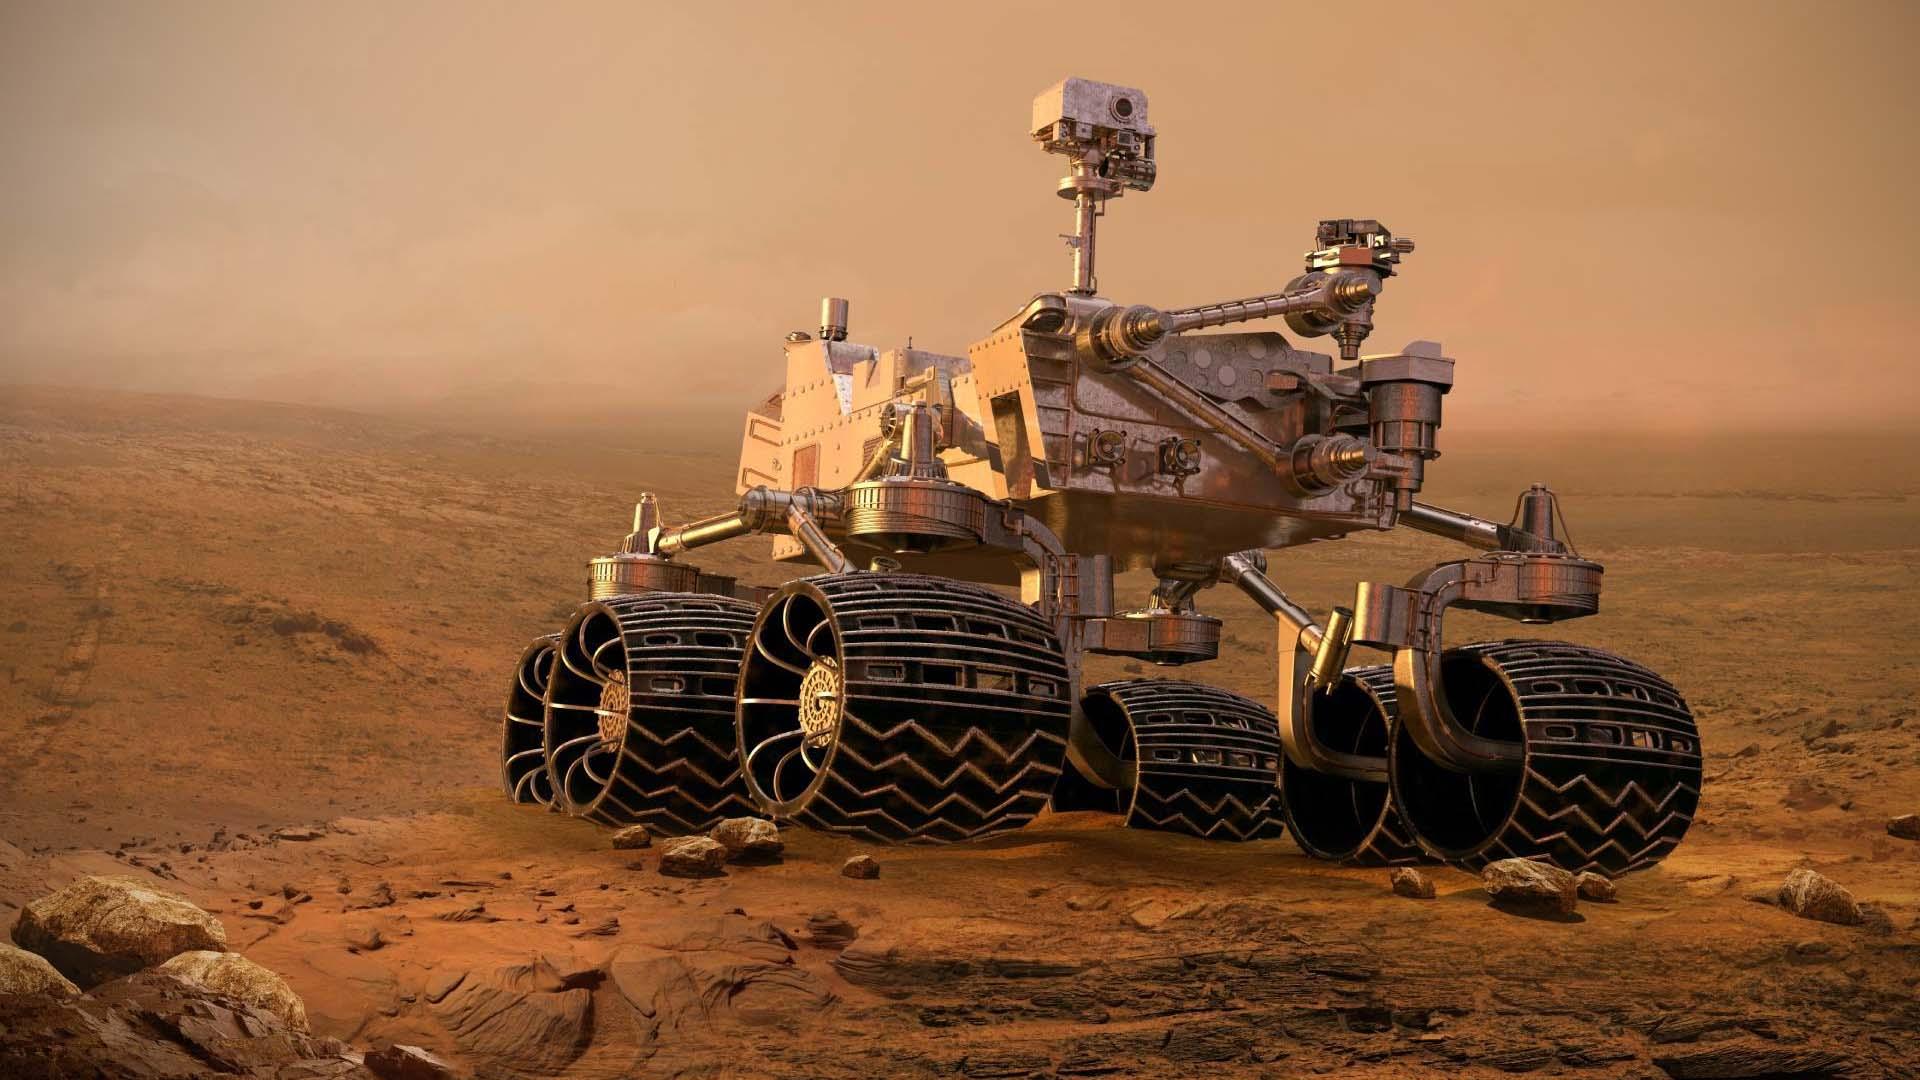 5 rzeczy, które powinieneś wiedzieć o misji Mars 2020